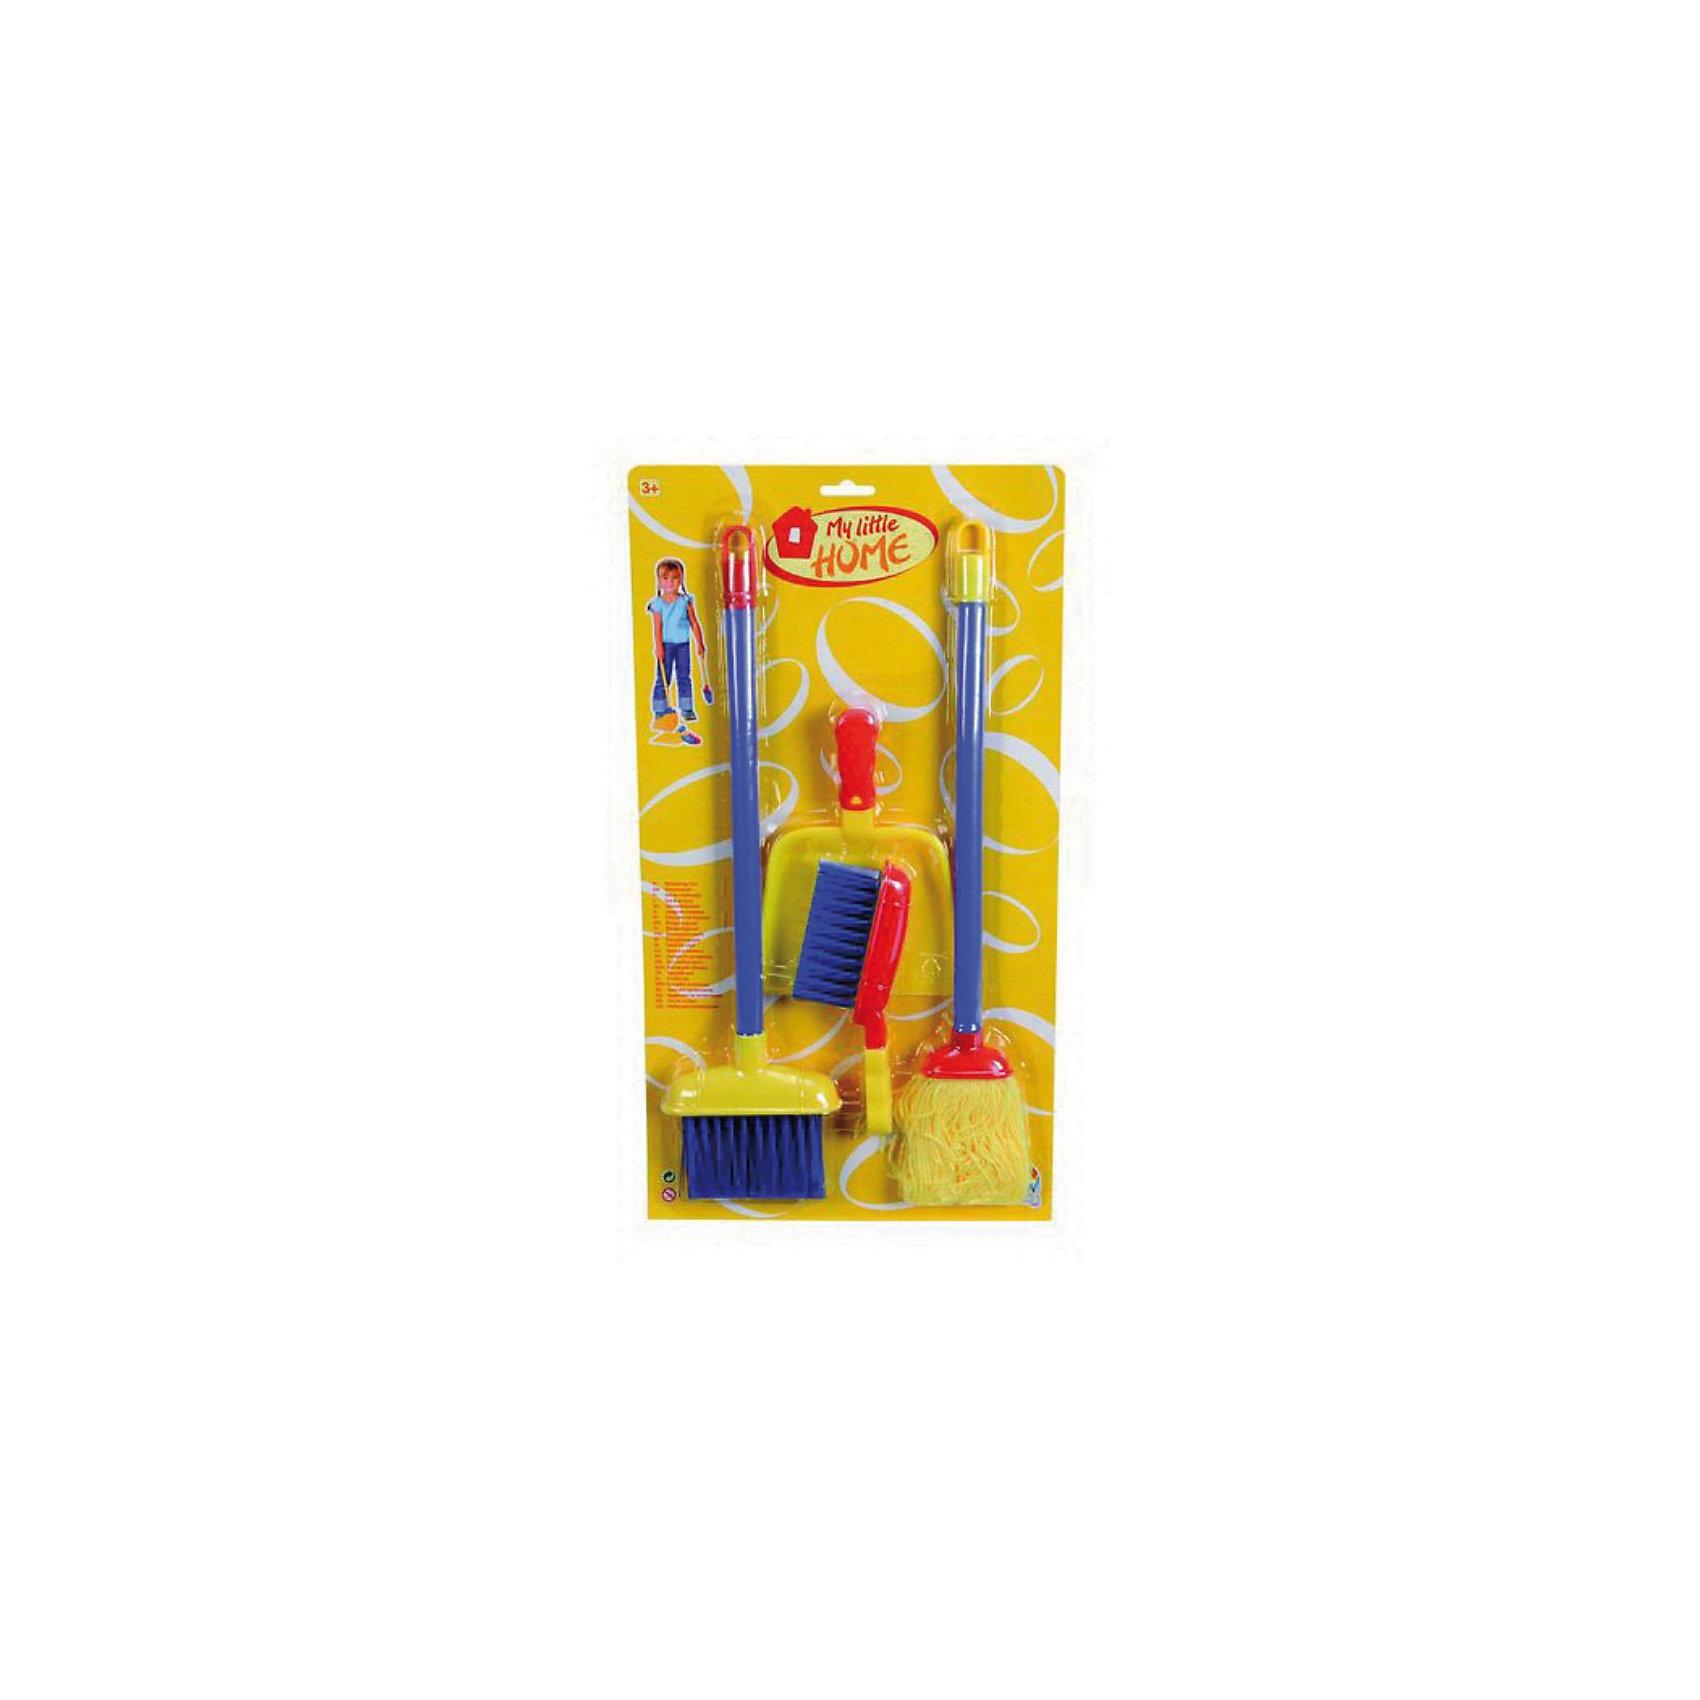 Набор для уборки в доме, SimbaУвлекательная игра для маленькой хозяйки. С помощью ярких разноцветных щеток так легко и приятно наводить порядок в комнате. Теперь  в детской всегда будут царить чистота и уют. <br><br>Дополнительная информация:<br> <br>- Состав набора: швабра, метлы (высота 51 см), совок и щетка. <br>- Материал: пластик.<br>- Размер упаковки: 30,5х4х55,5 см.<br>- Вес: 0,320 кг.<br><br>Набор прививает ребенку навыки трудовой деятельности<br>Набор для уборки в доме, Simba можно купить в нашем интернет - магазине.<br><br>Ширина мм: 300<br>Глубина мм: 40<br>Высота мм: 550<br>Вес г: 570<br>Возраст от месяцев: 36<br>Возраст до месяцев: 96<br>Пол: Женский<br>Возраст: Детский<br>SKU: 3344676